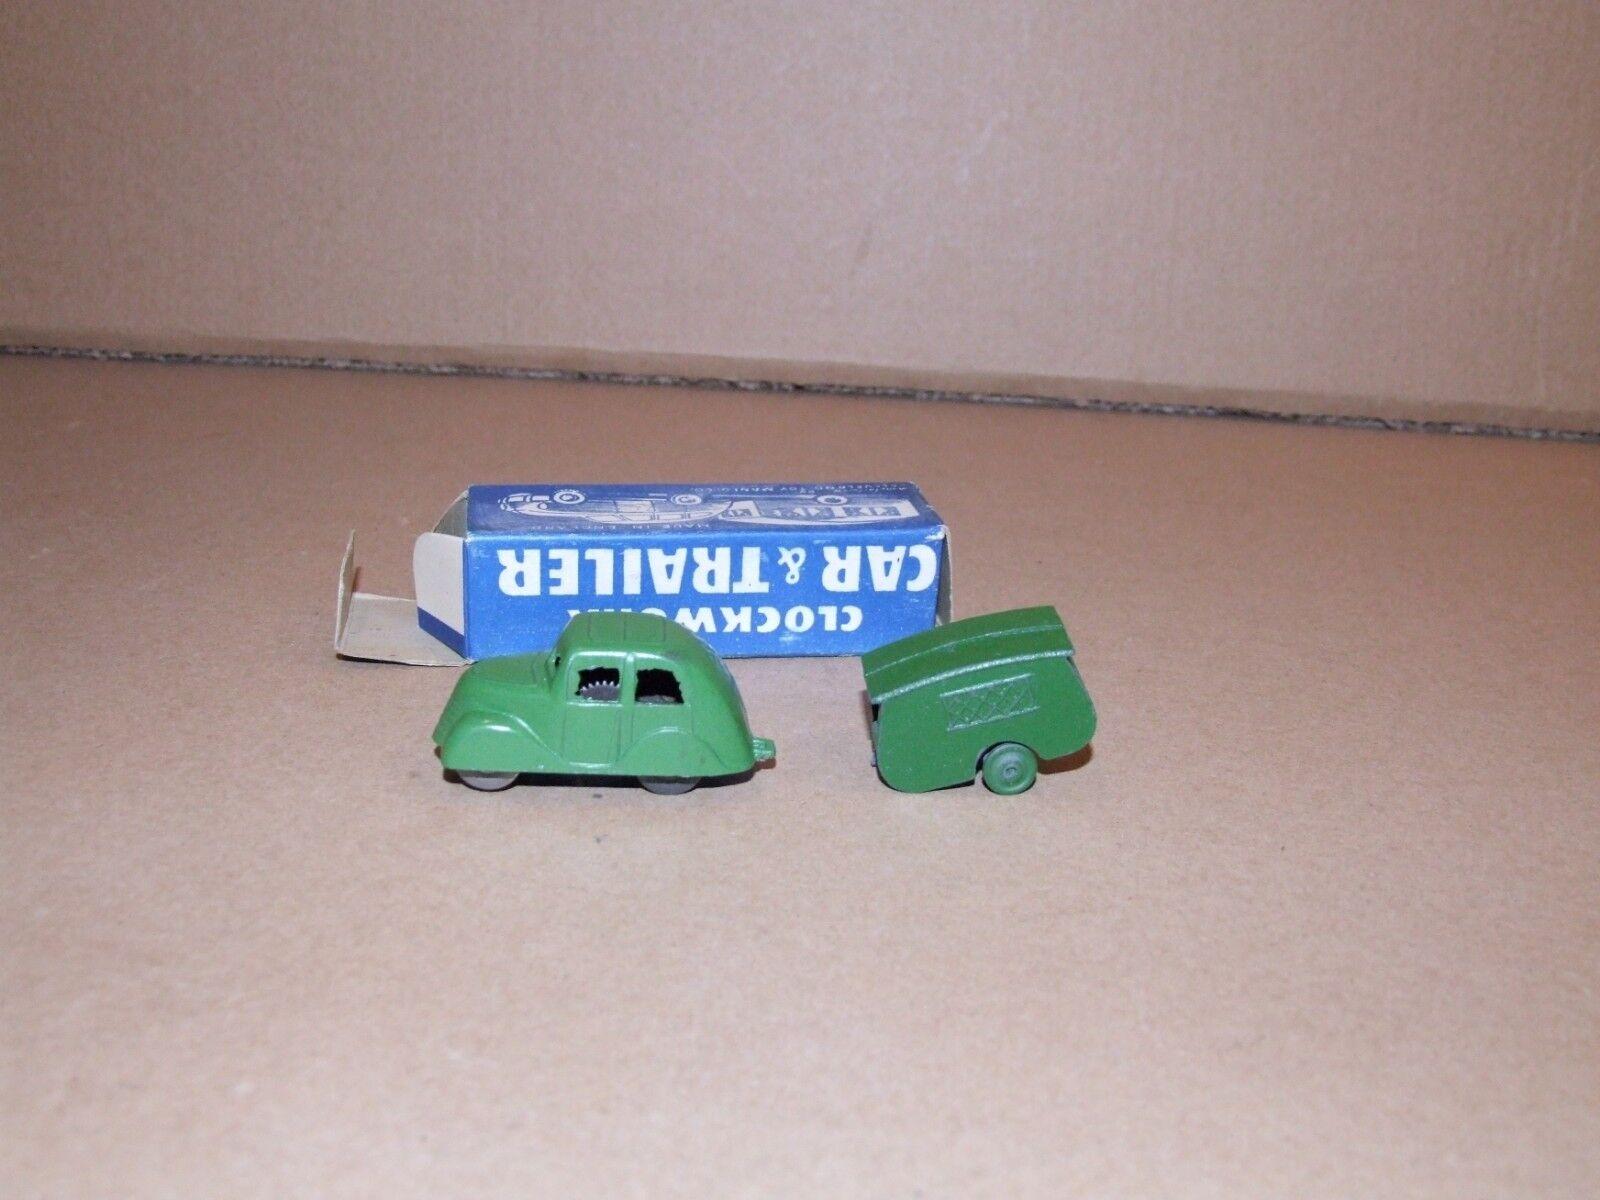 KAY for Cleveland Toy Manfg. Co. Clockwork Car & Trailer Set